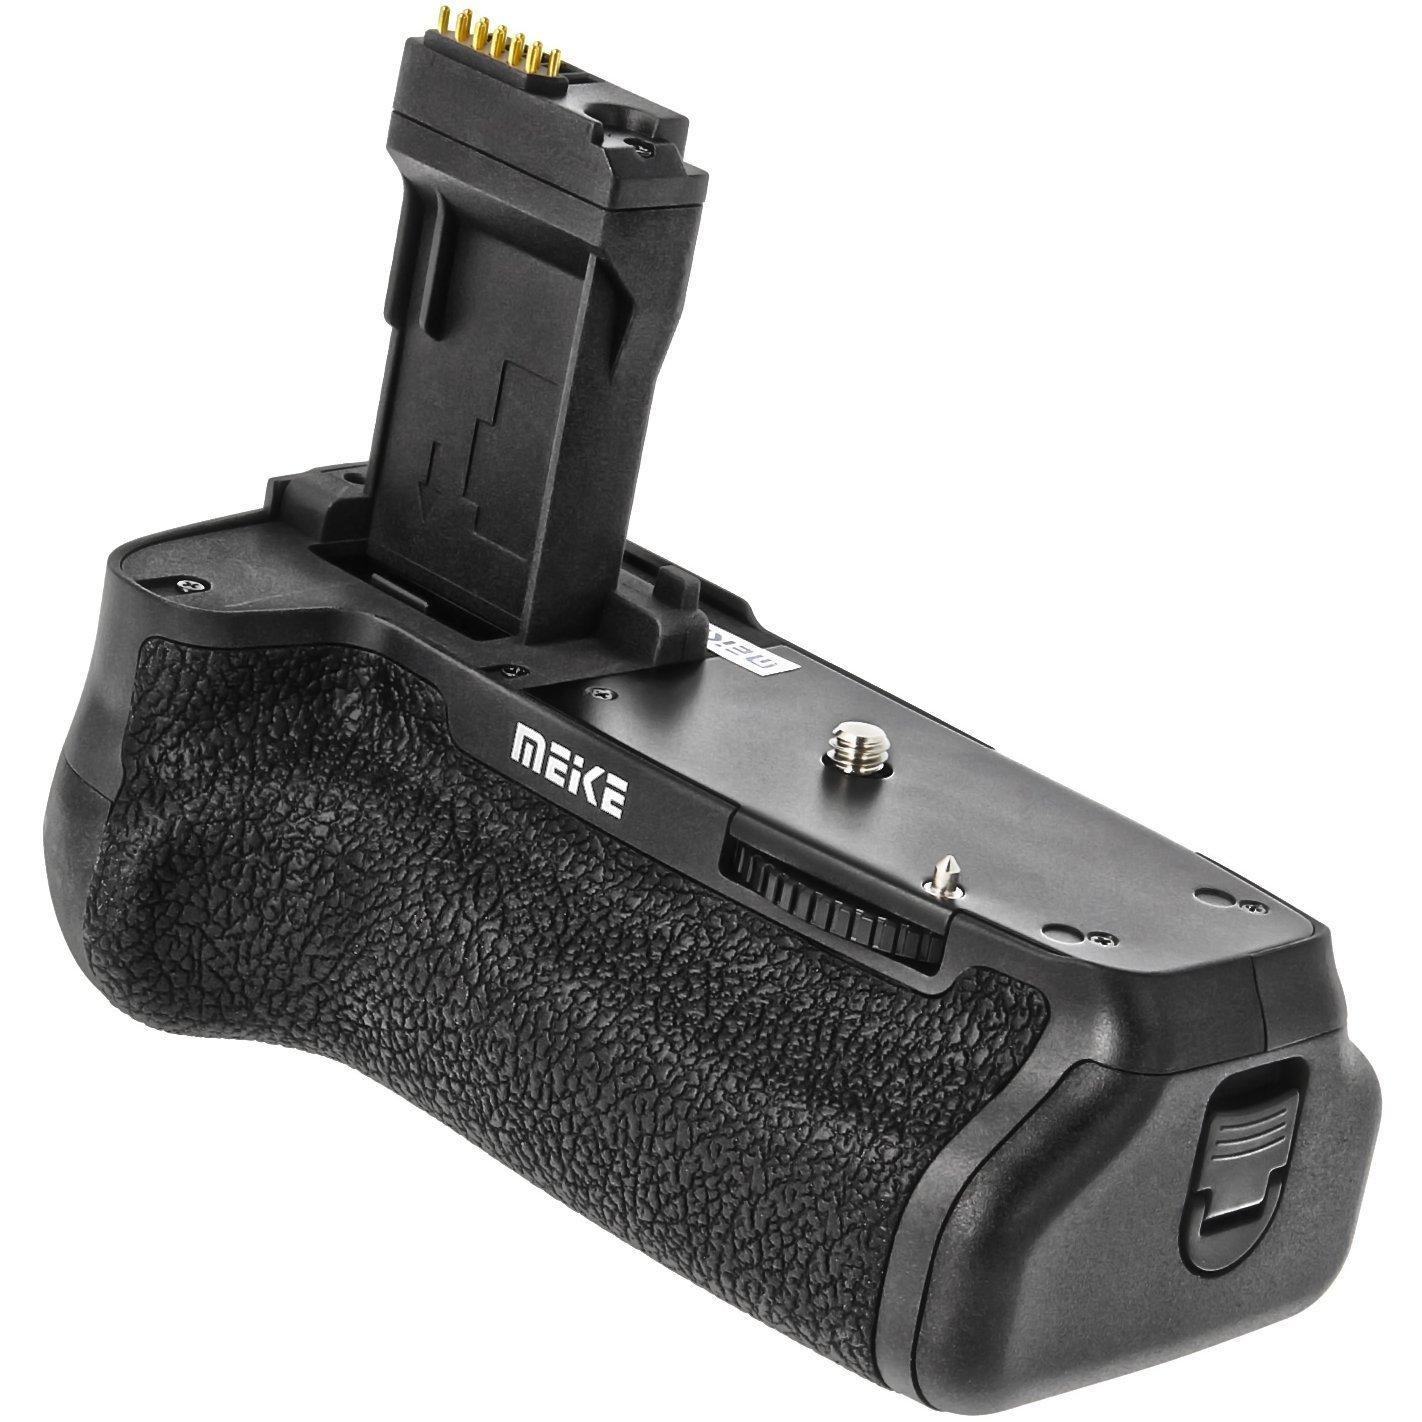 Grip Meike Canon T6i T6s 750D 760D MK-760D